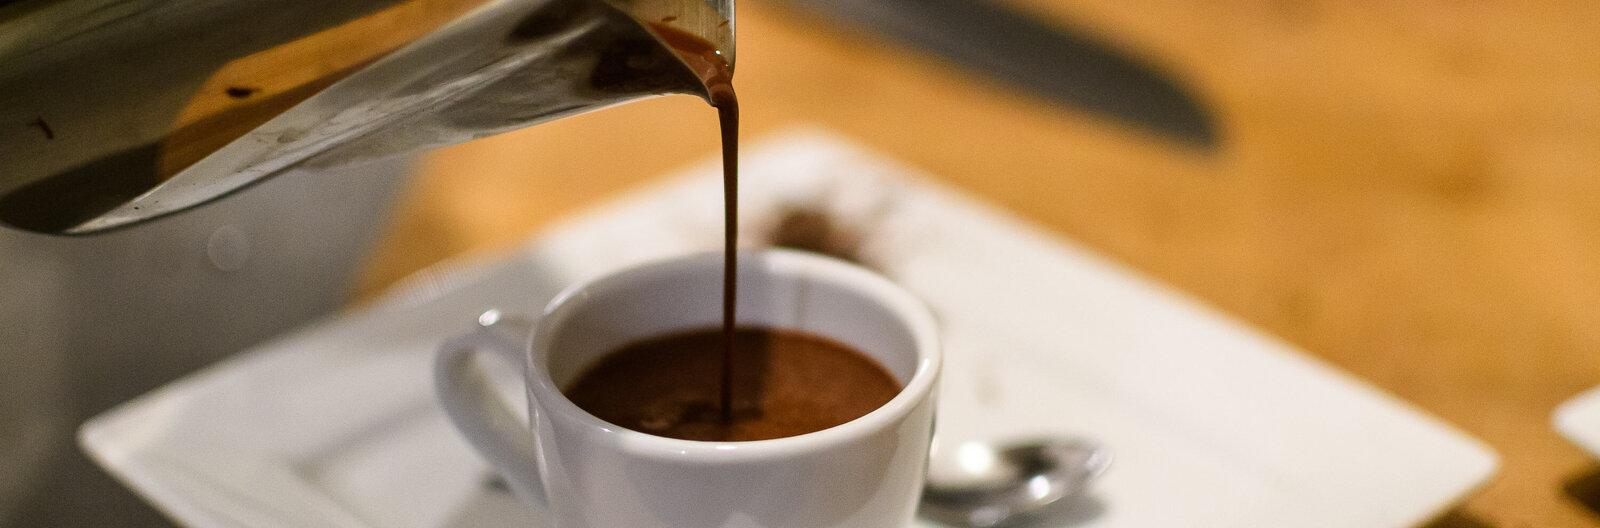 10 balatoni hely, ha jó kávét keresel